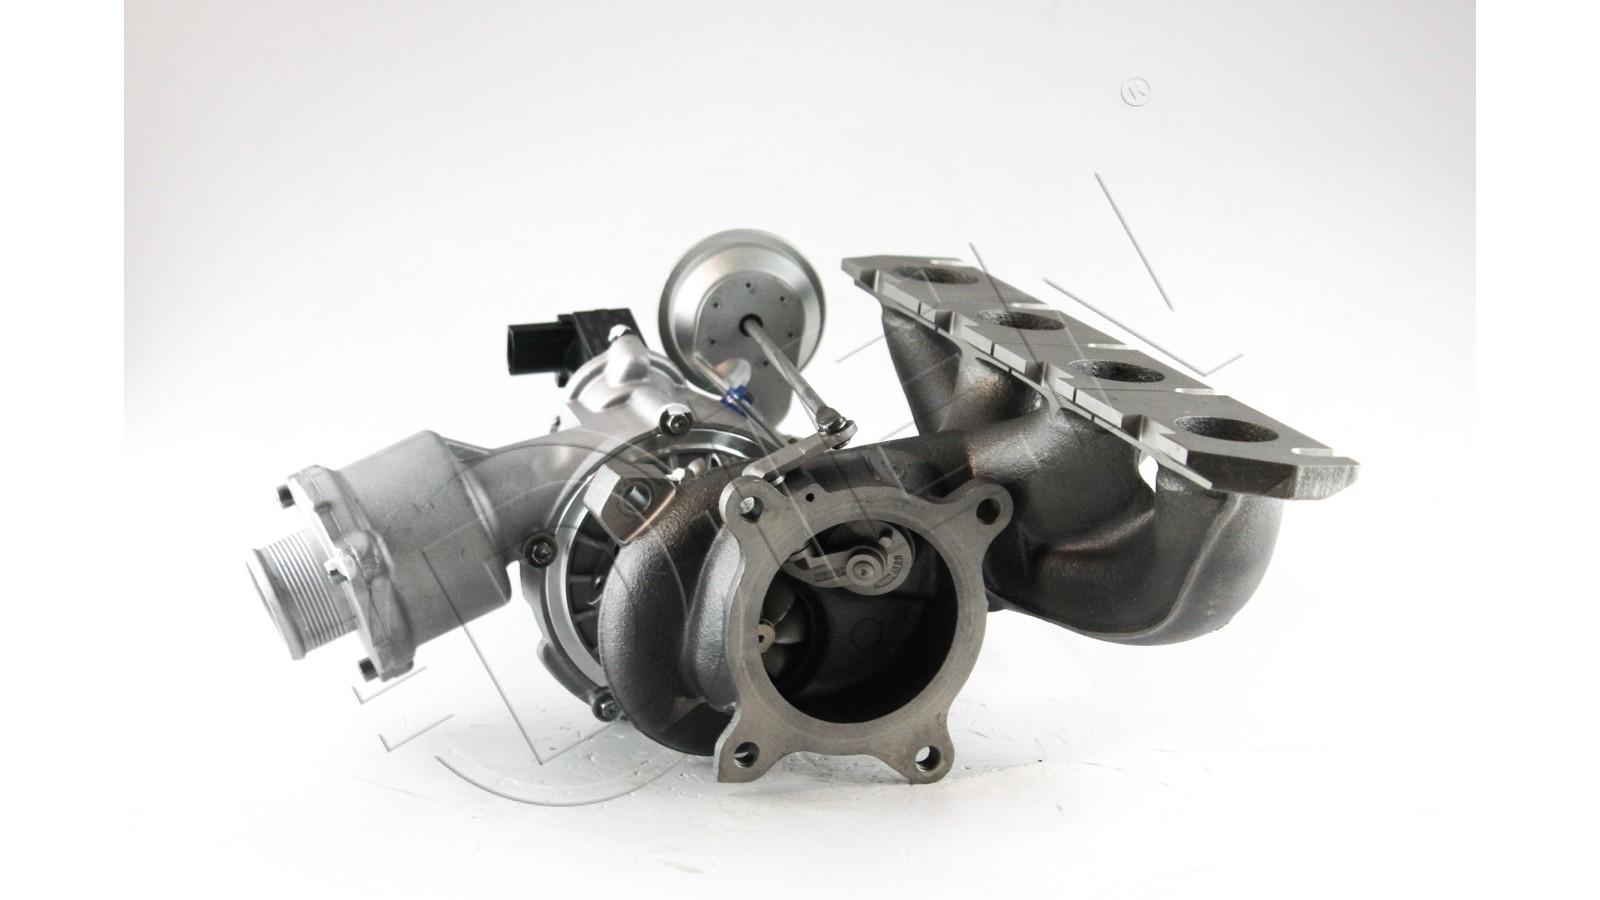 Turbocompressore rigenerato per AUDI A4 2.0 TFSI quattro 211Cv